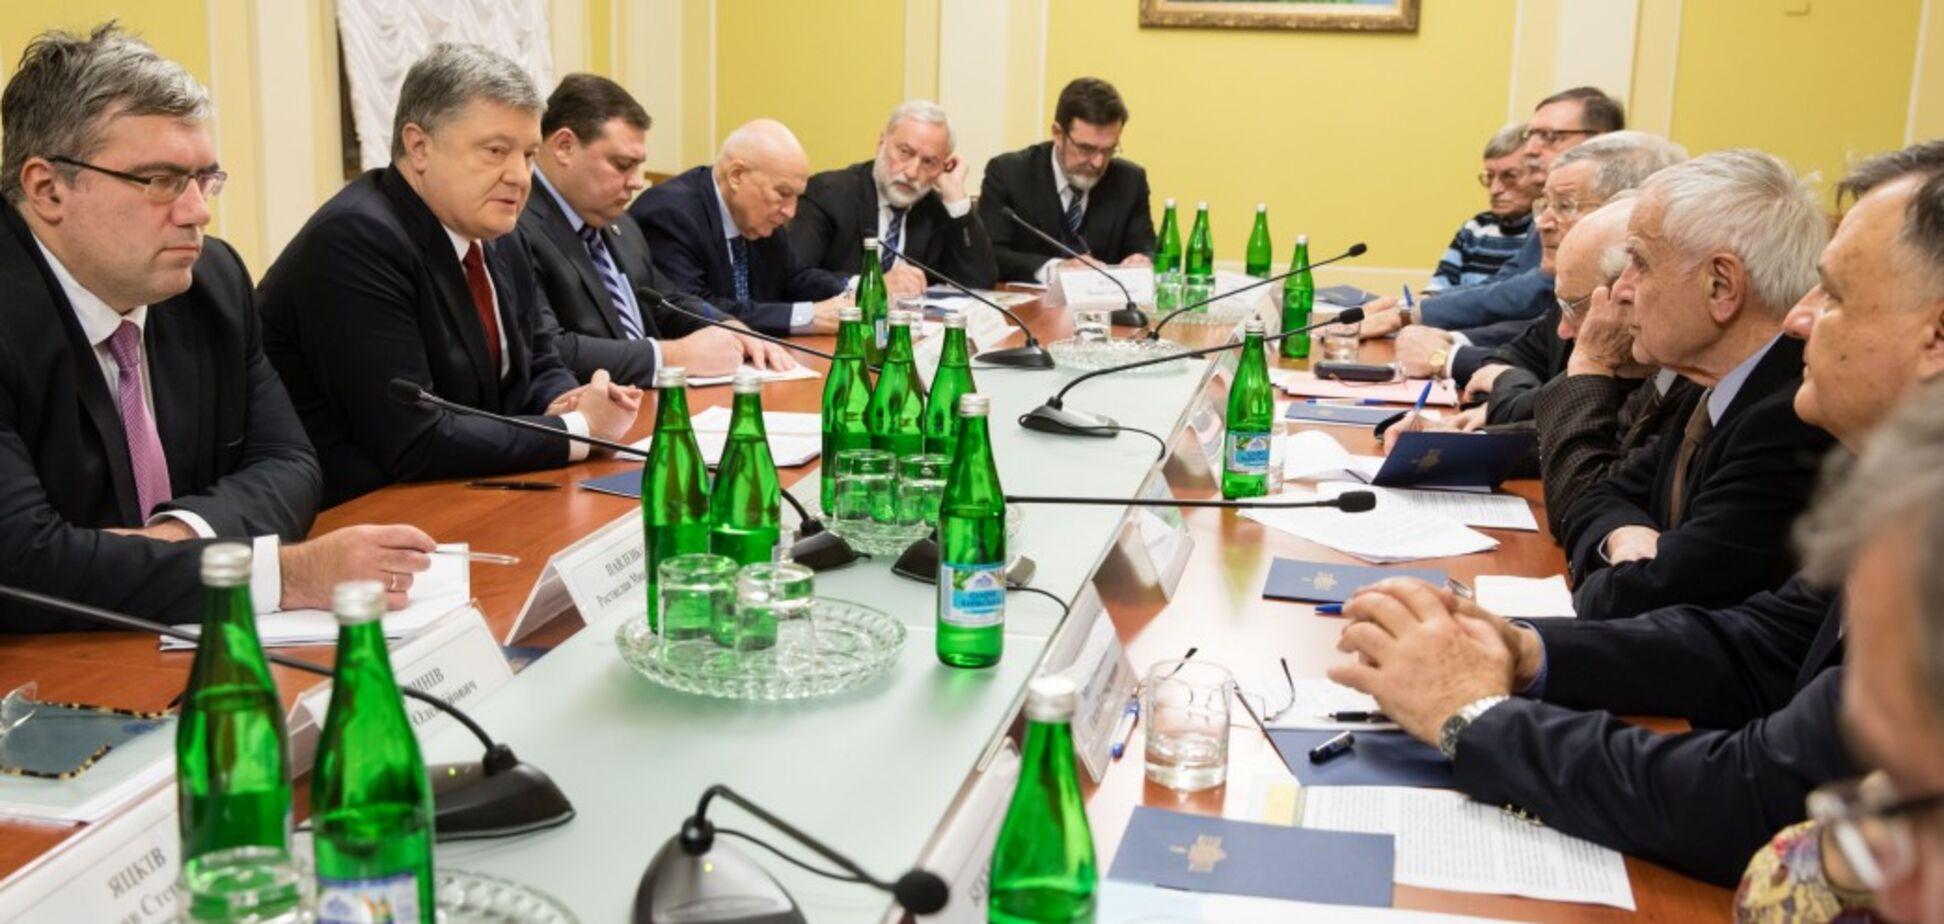 Україна готова: Порошенко виступив з тривожною заявою про війну